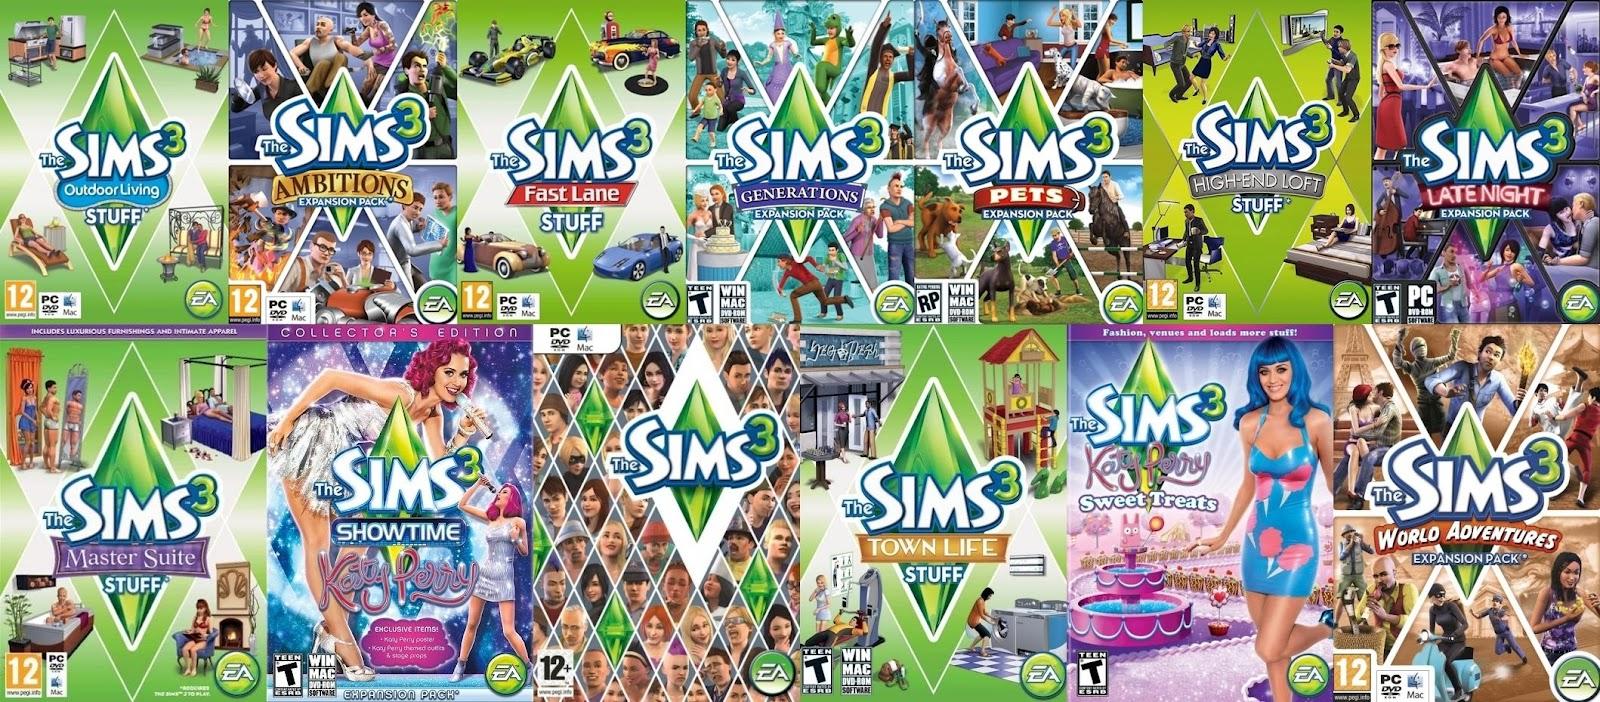 Juegos y Programas Full en descarga directa: LOS SIMS 2